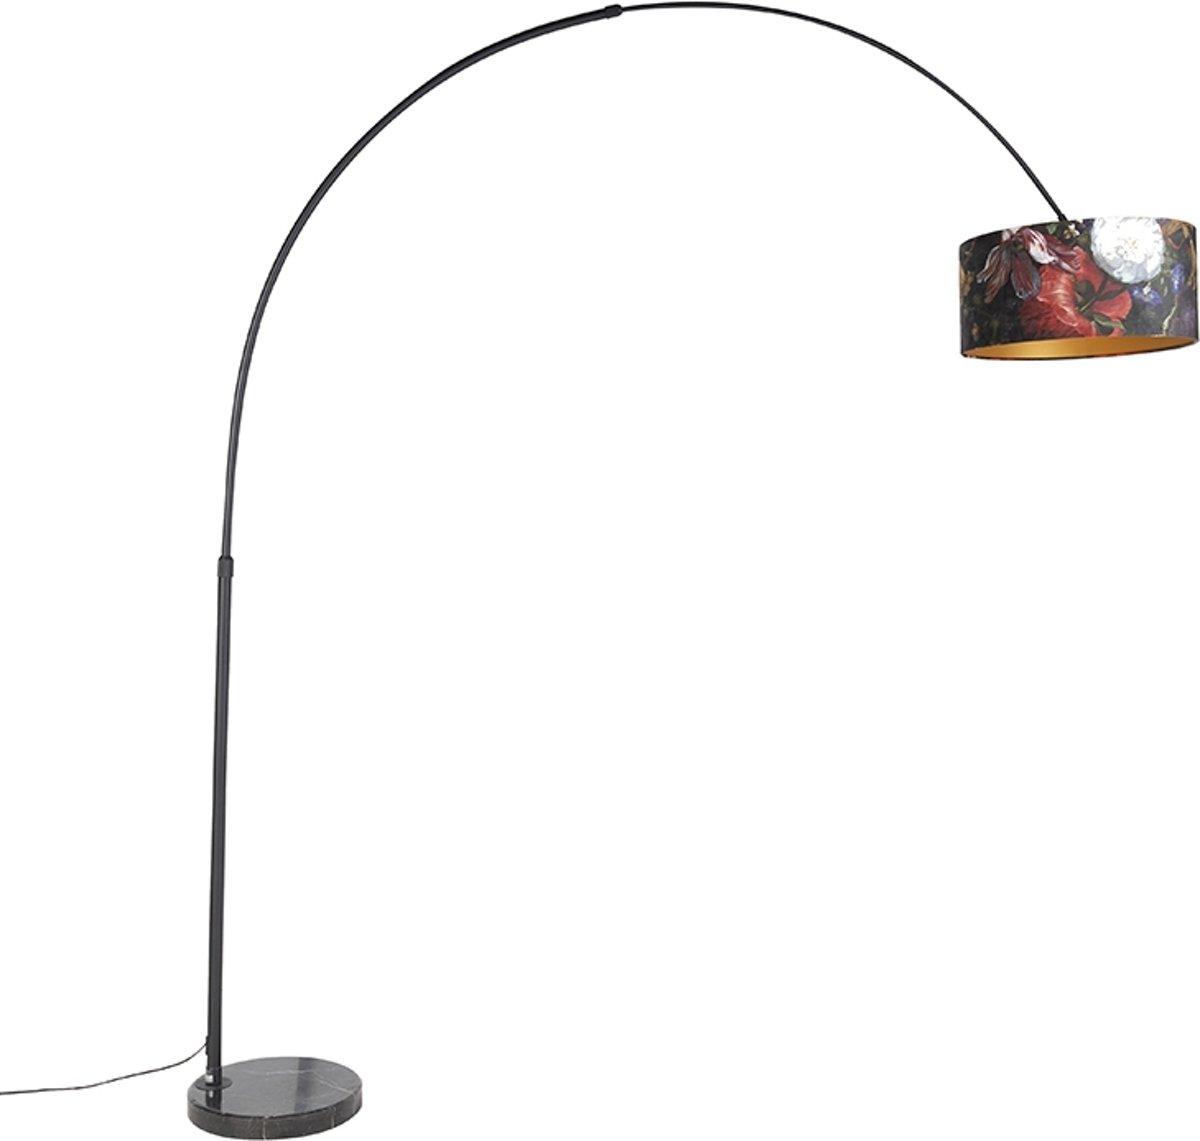 QAZQA xxl fl - Vloerlamp met lampenkap - 1 lichts - H 2250 mm - Multicolor kopen